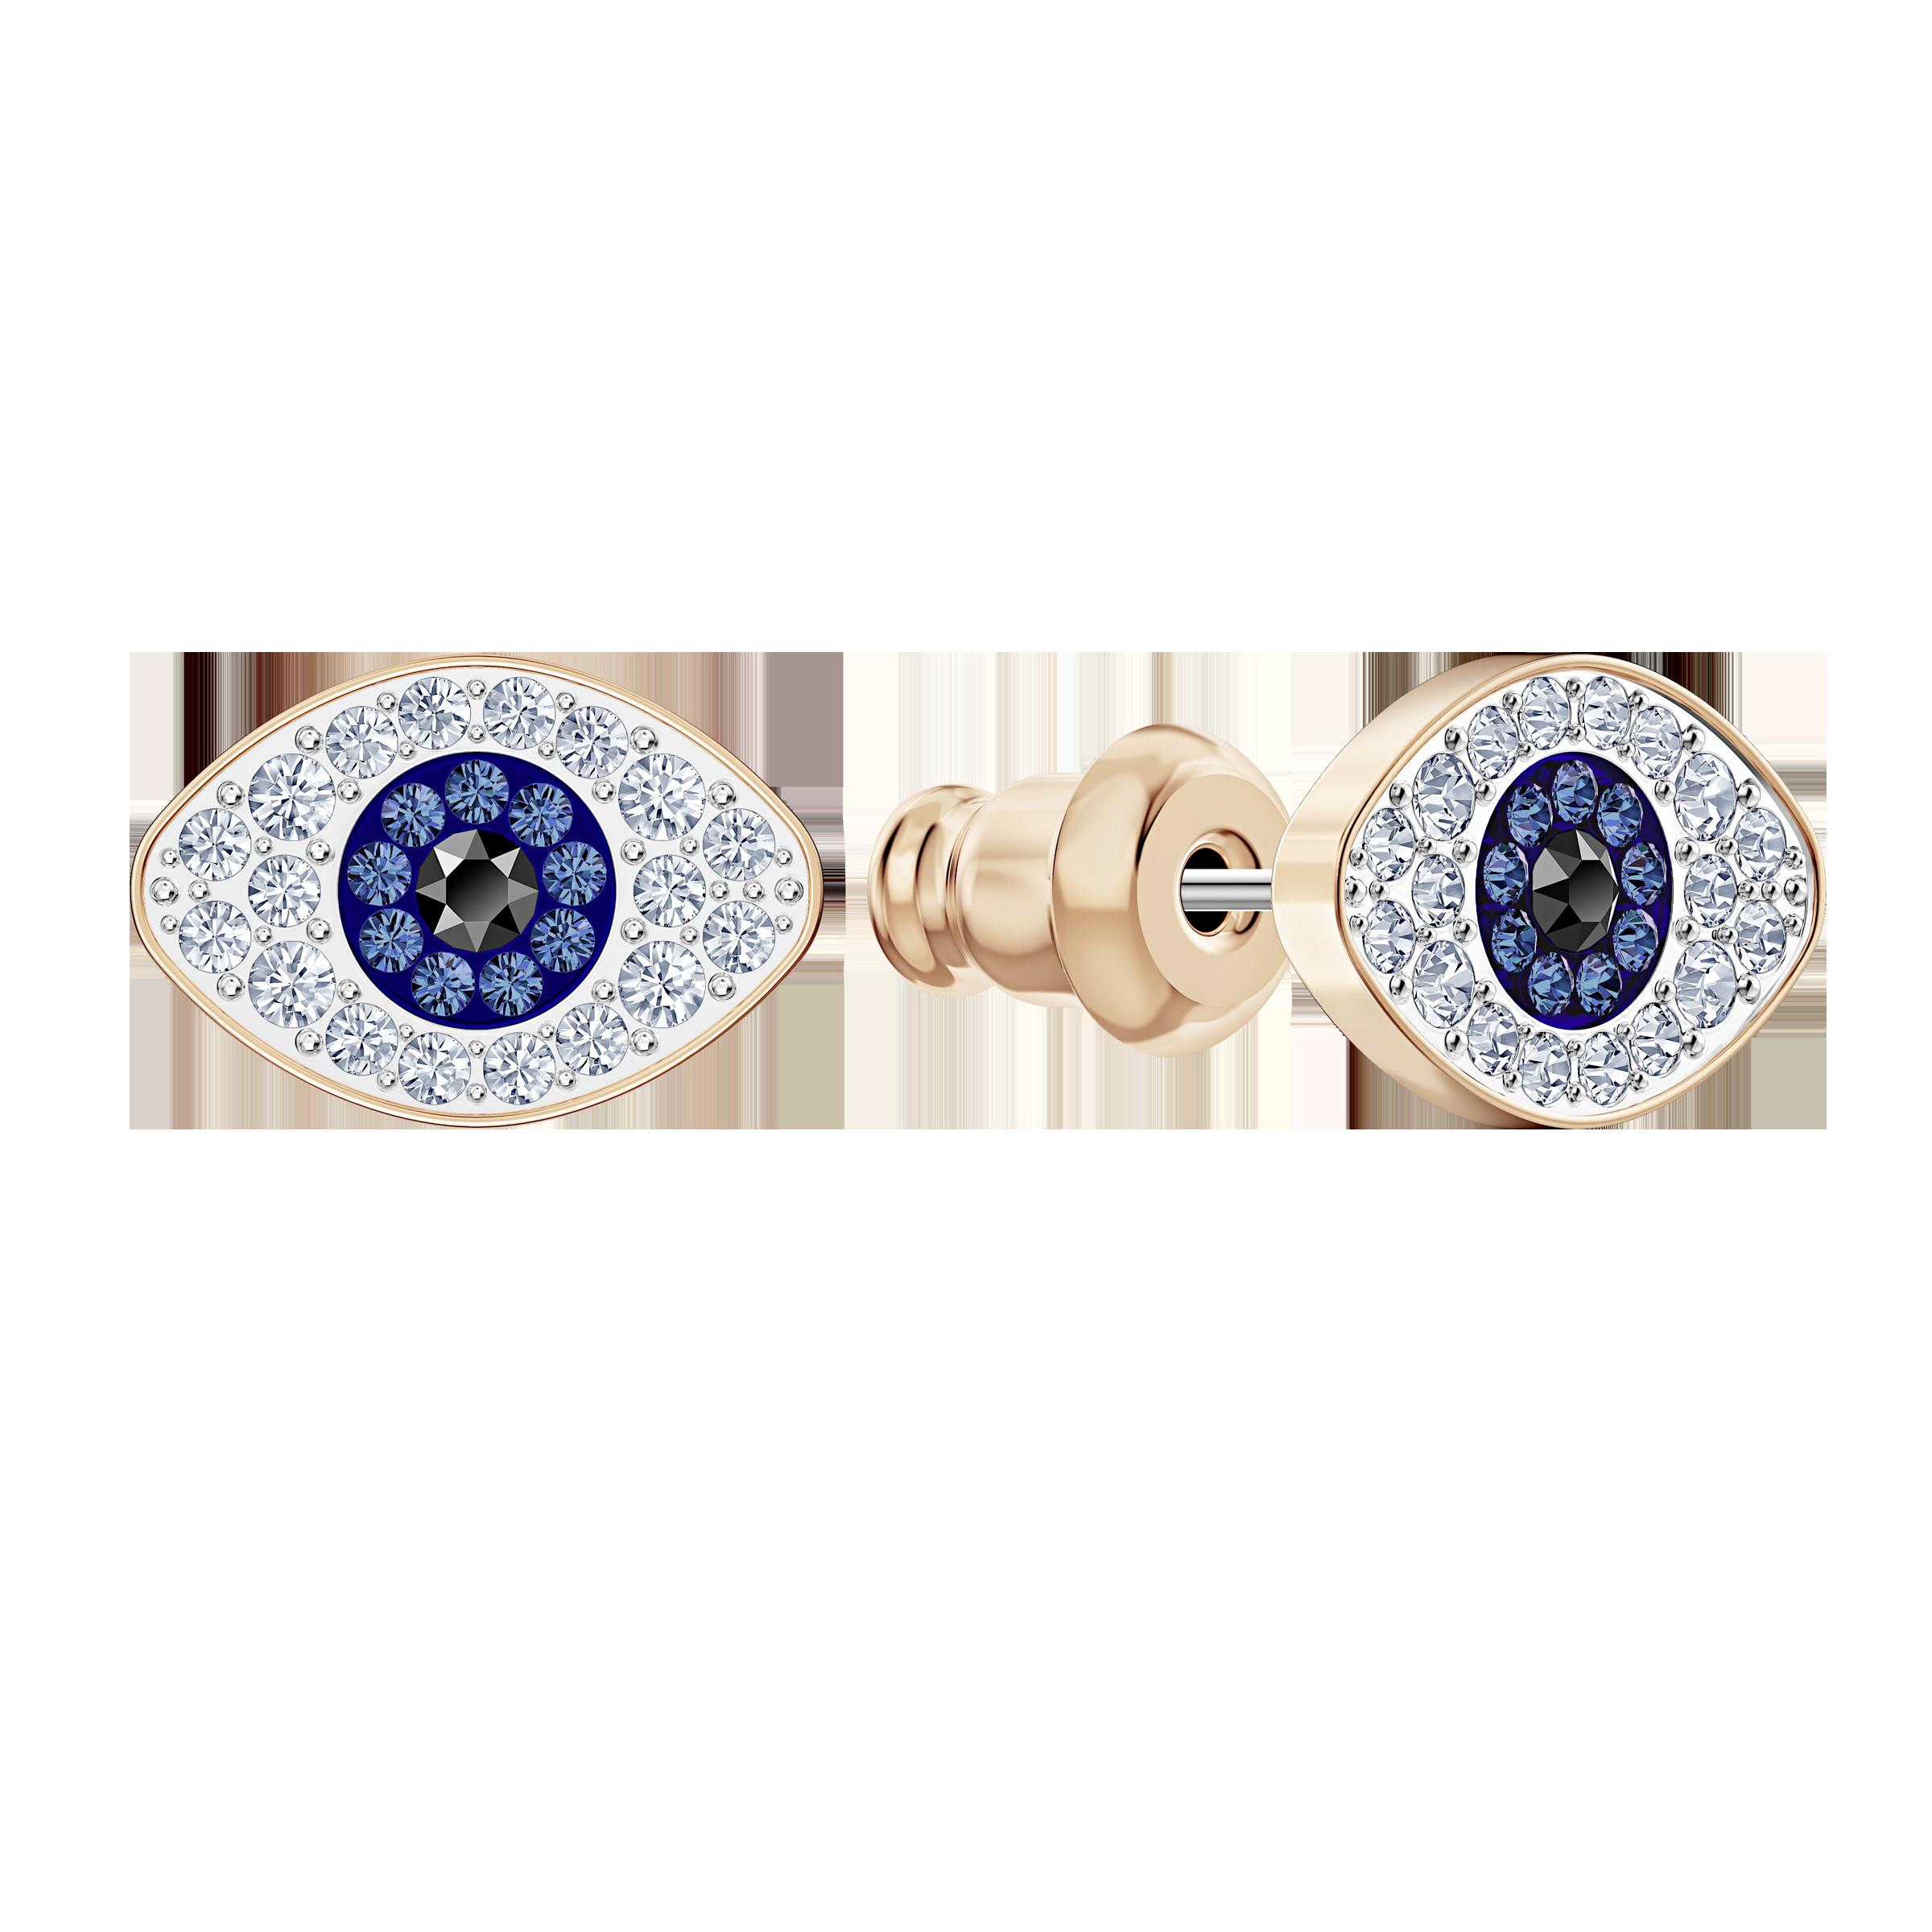 أقراط الأذن المثقوبة الصغيرة Symbolic من سواروفسكي ،أزرق ، مطلي باللون الذهبي الوردي